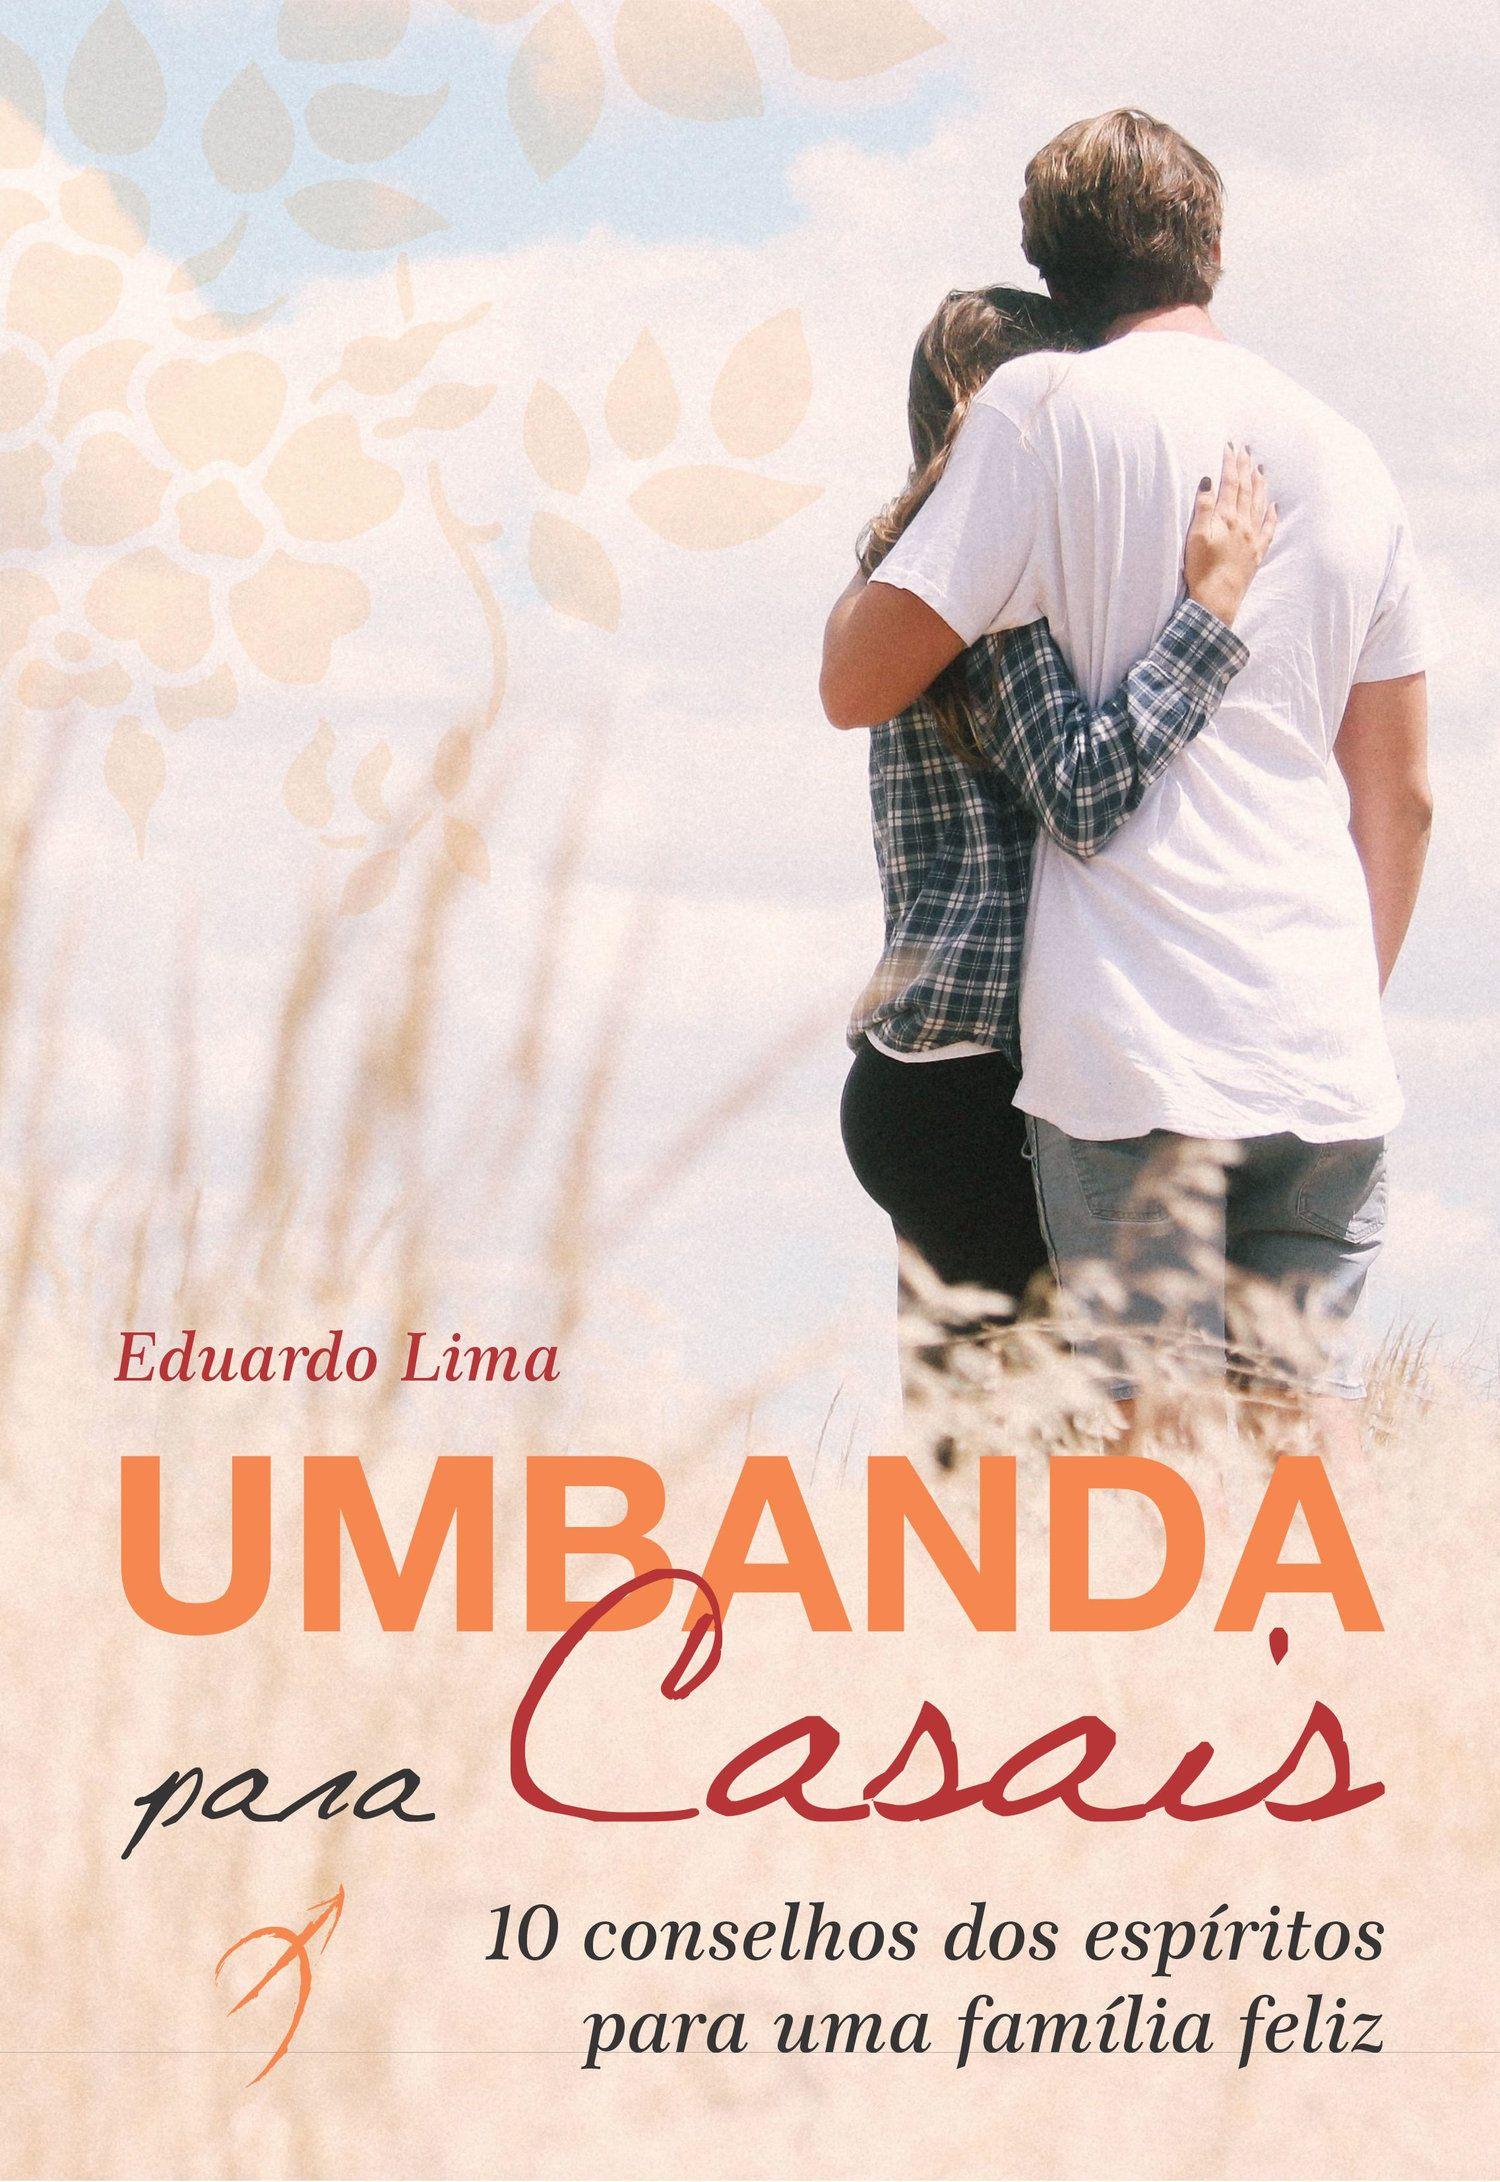 Livro Umbanda para casais